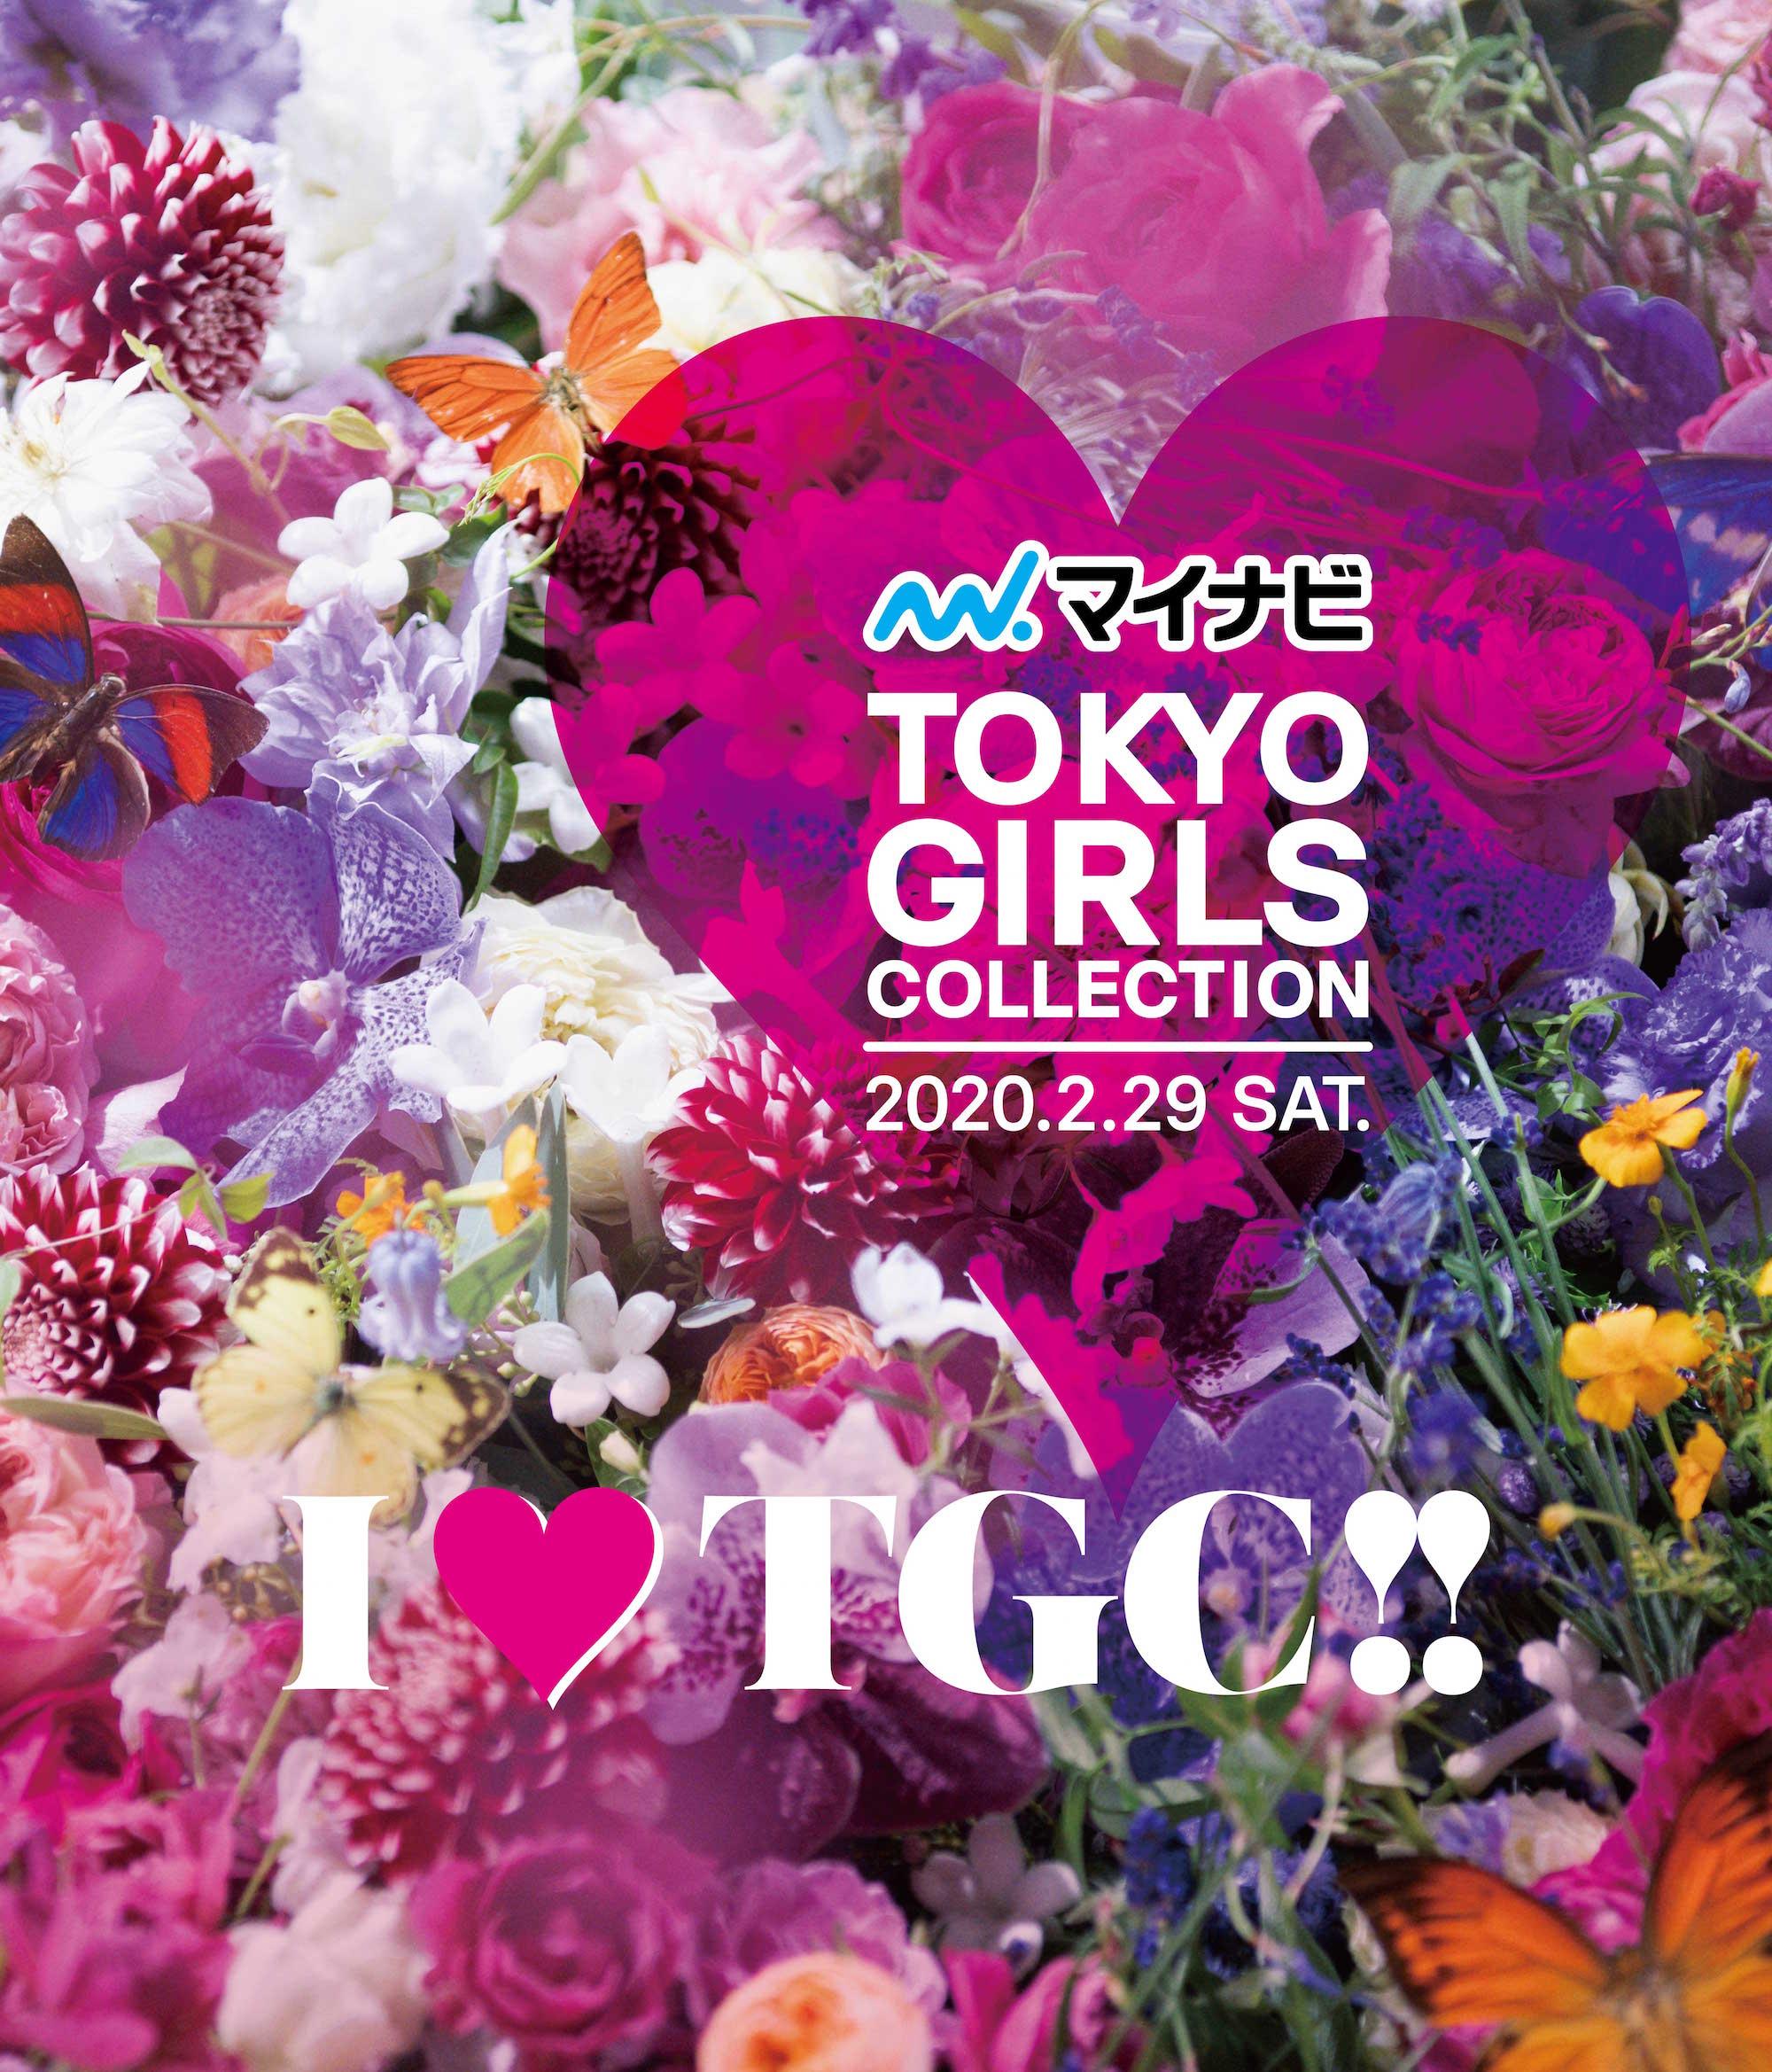 『第30回 マイナビ 東京ガールズコレクション 2020 SPRING/SUMMER』 蜷川実花が手掛けるキービジュアル